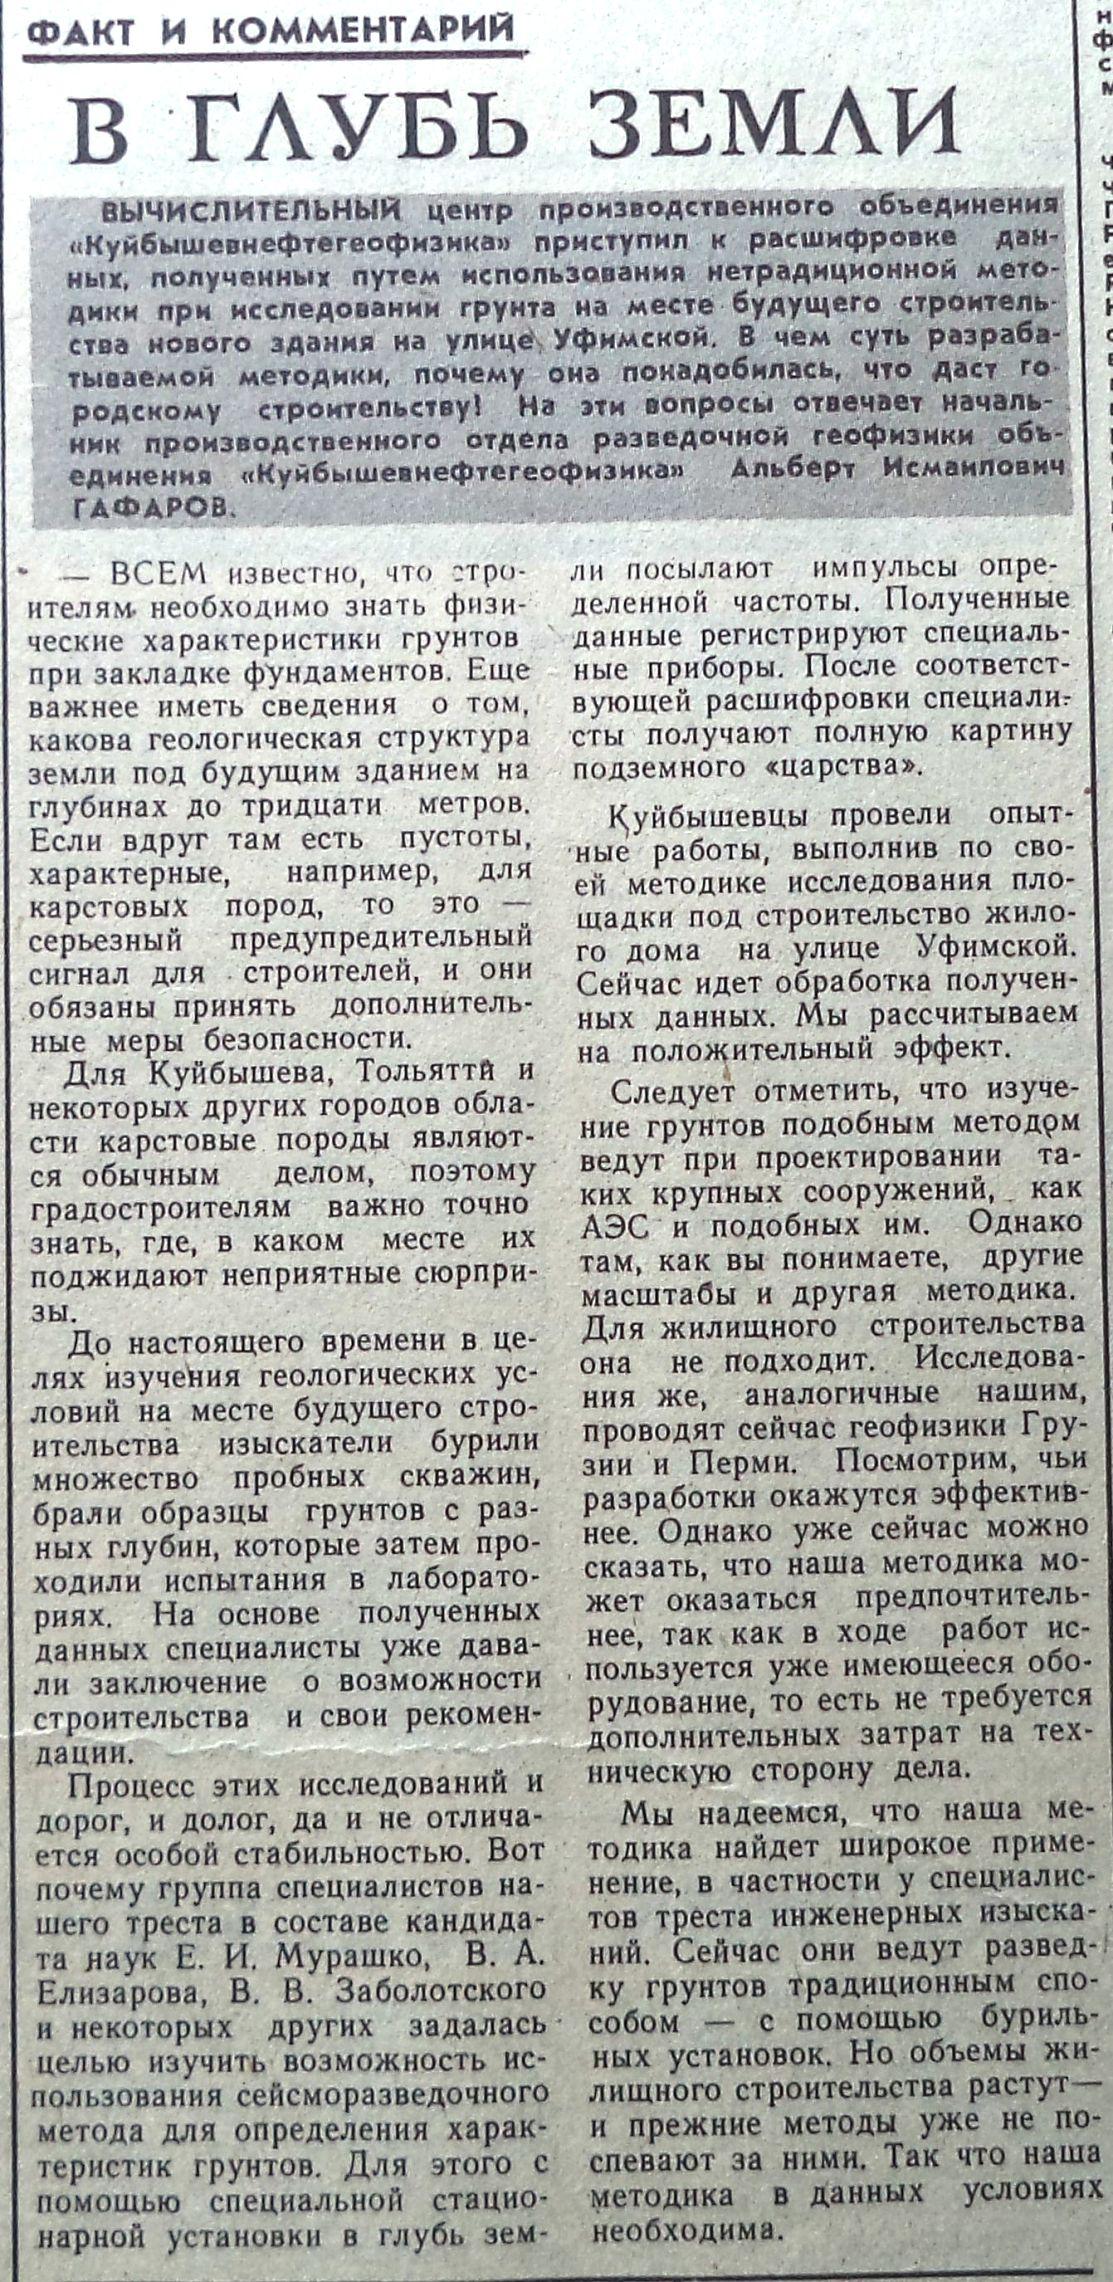 Уфимская-ФОТО-16-ВЗя-1989-11-25-геолог. исслед. на Уфимской-min